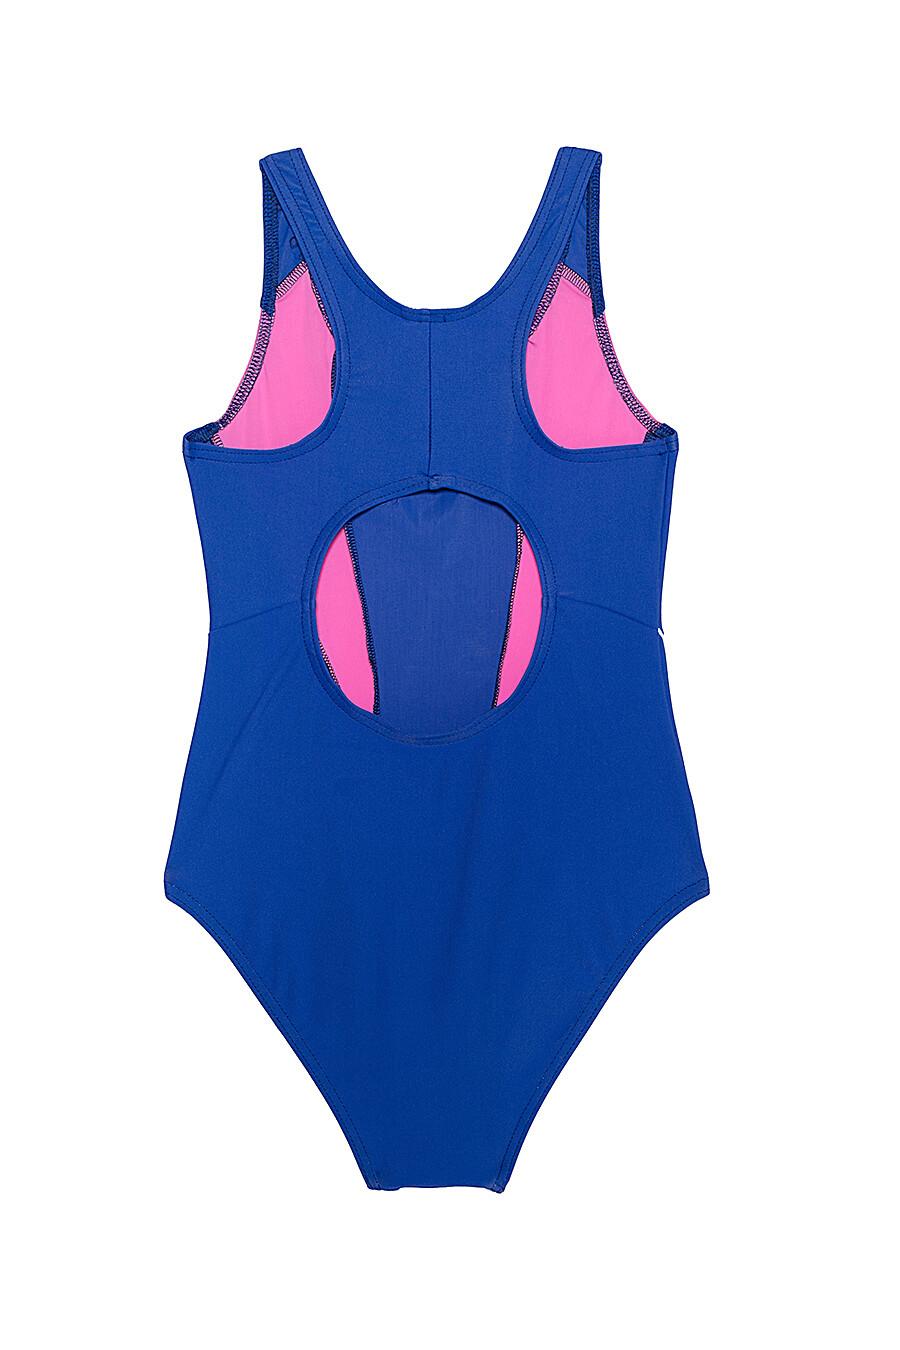 Купальник для девочек ESLI 161512 купить оптом от производителя. Совместная покупка детской одежды в OptMoyo